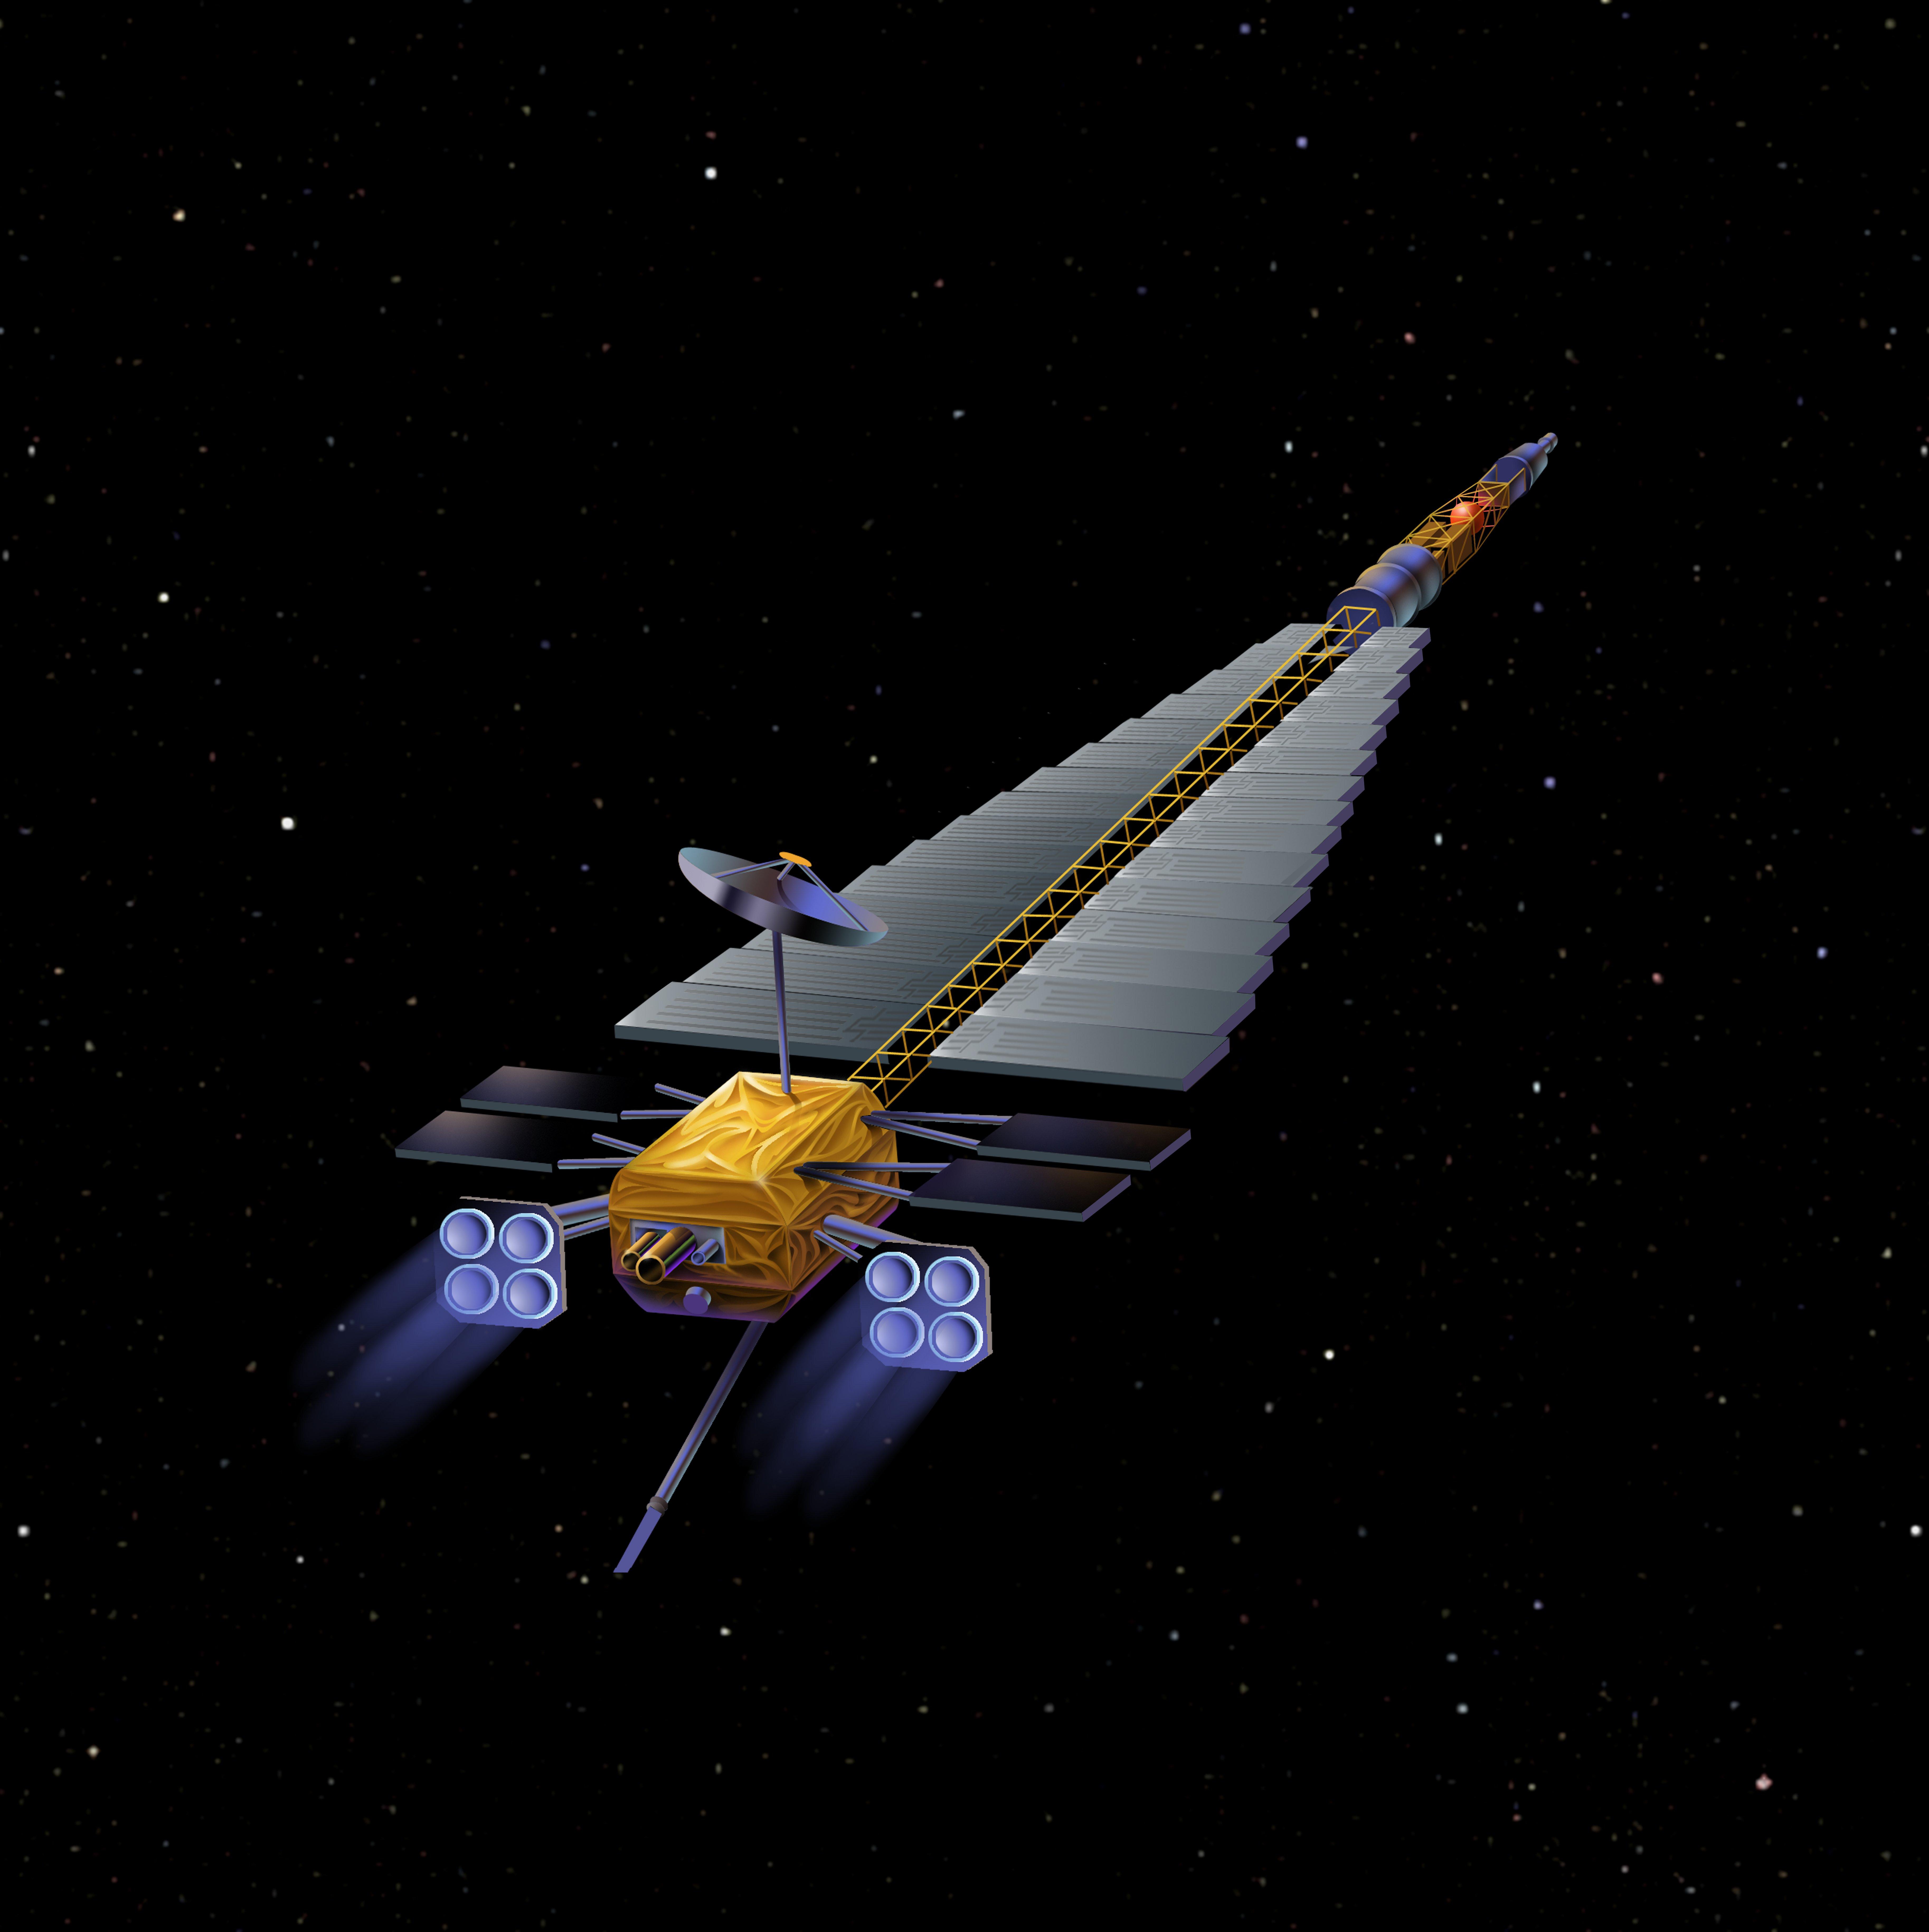 伽利略号到达7亿千米外深空,发现冰下海洋,颠覆人们对地外生命认知-第4张图片-IT新视野